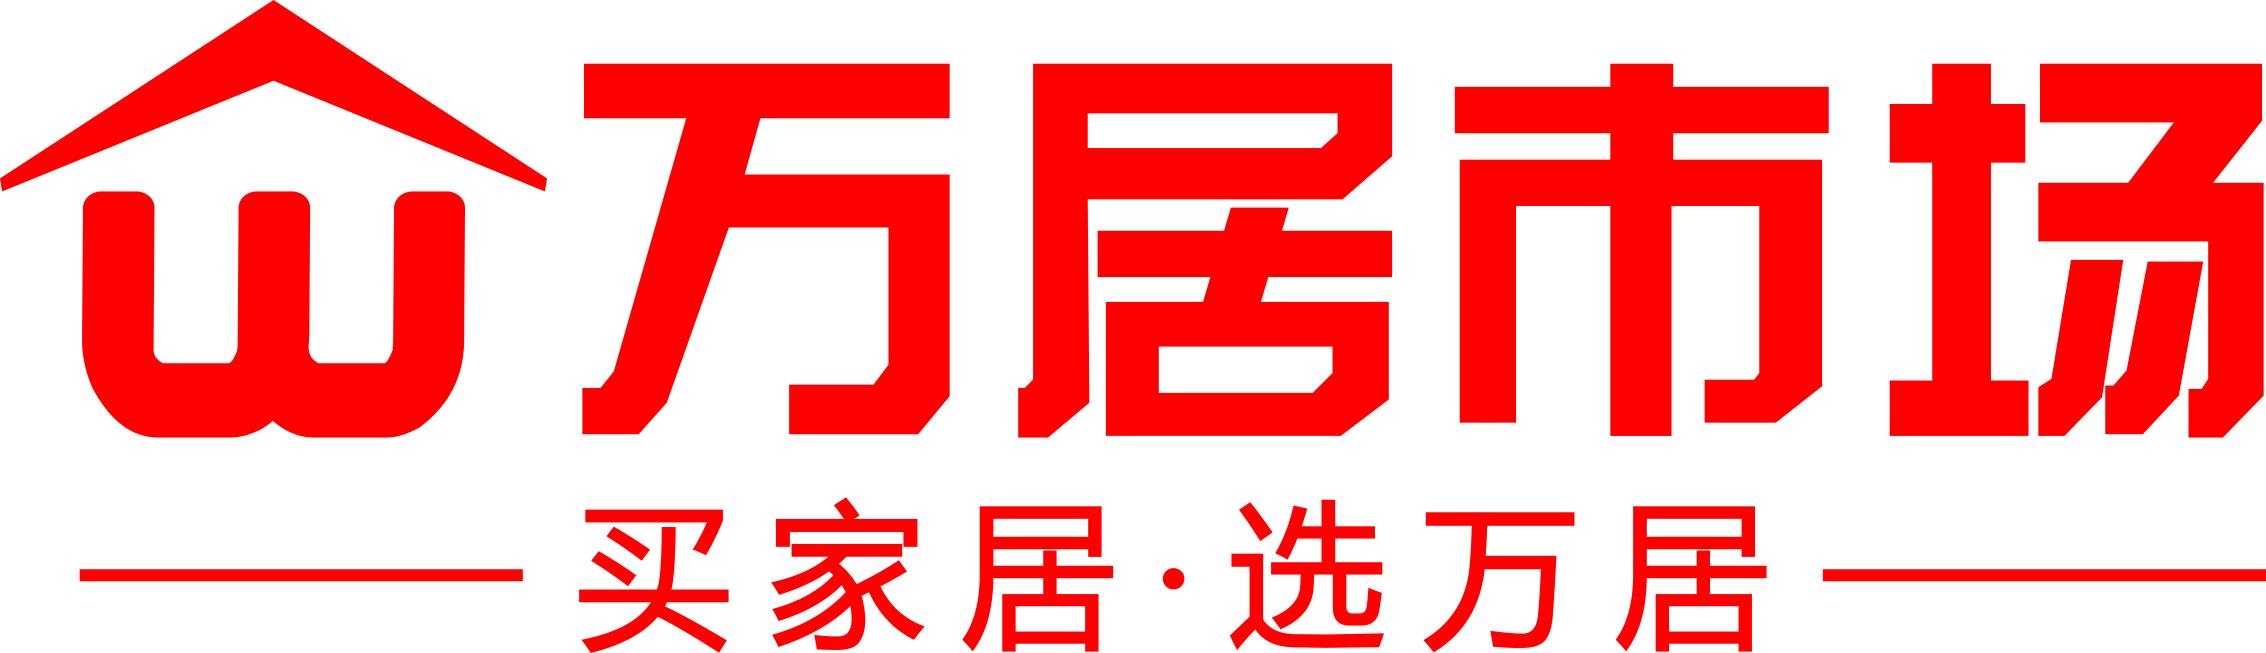 衡阳万居市场管理有限公司